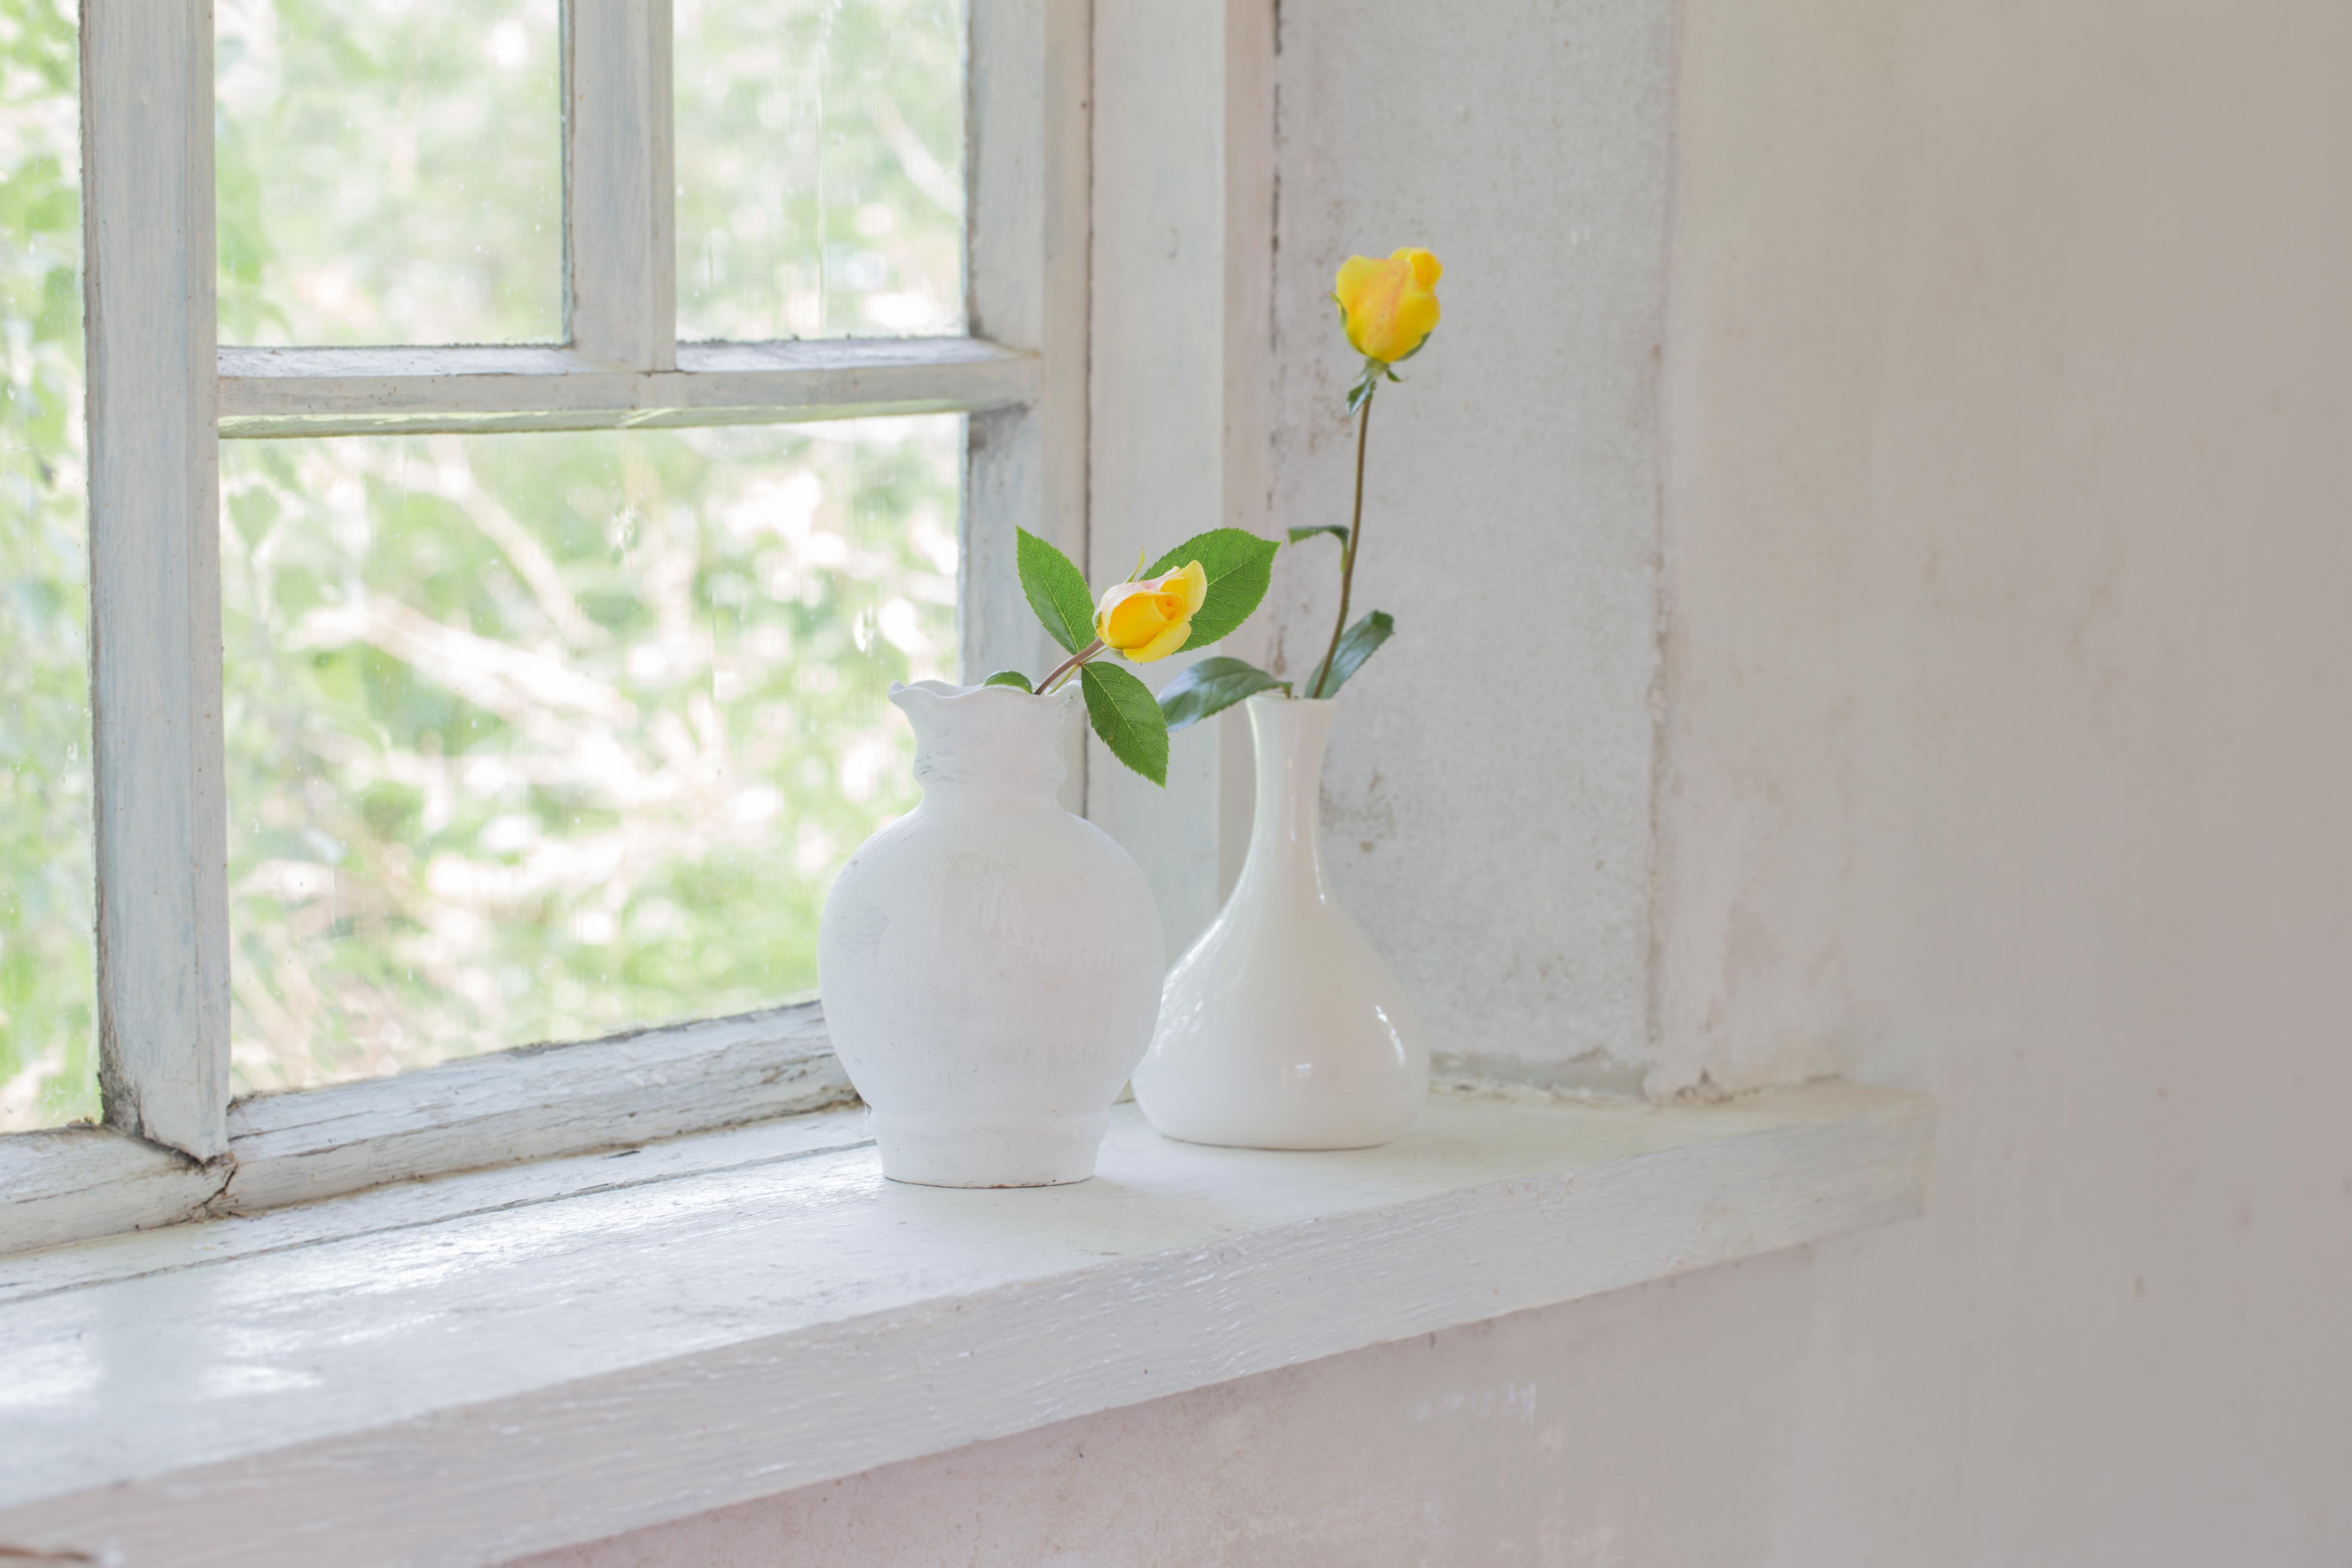 Comment laver les vitres sans avoir des traces ? 1